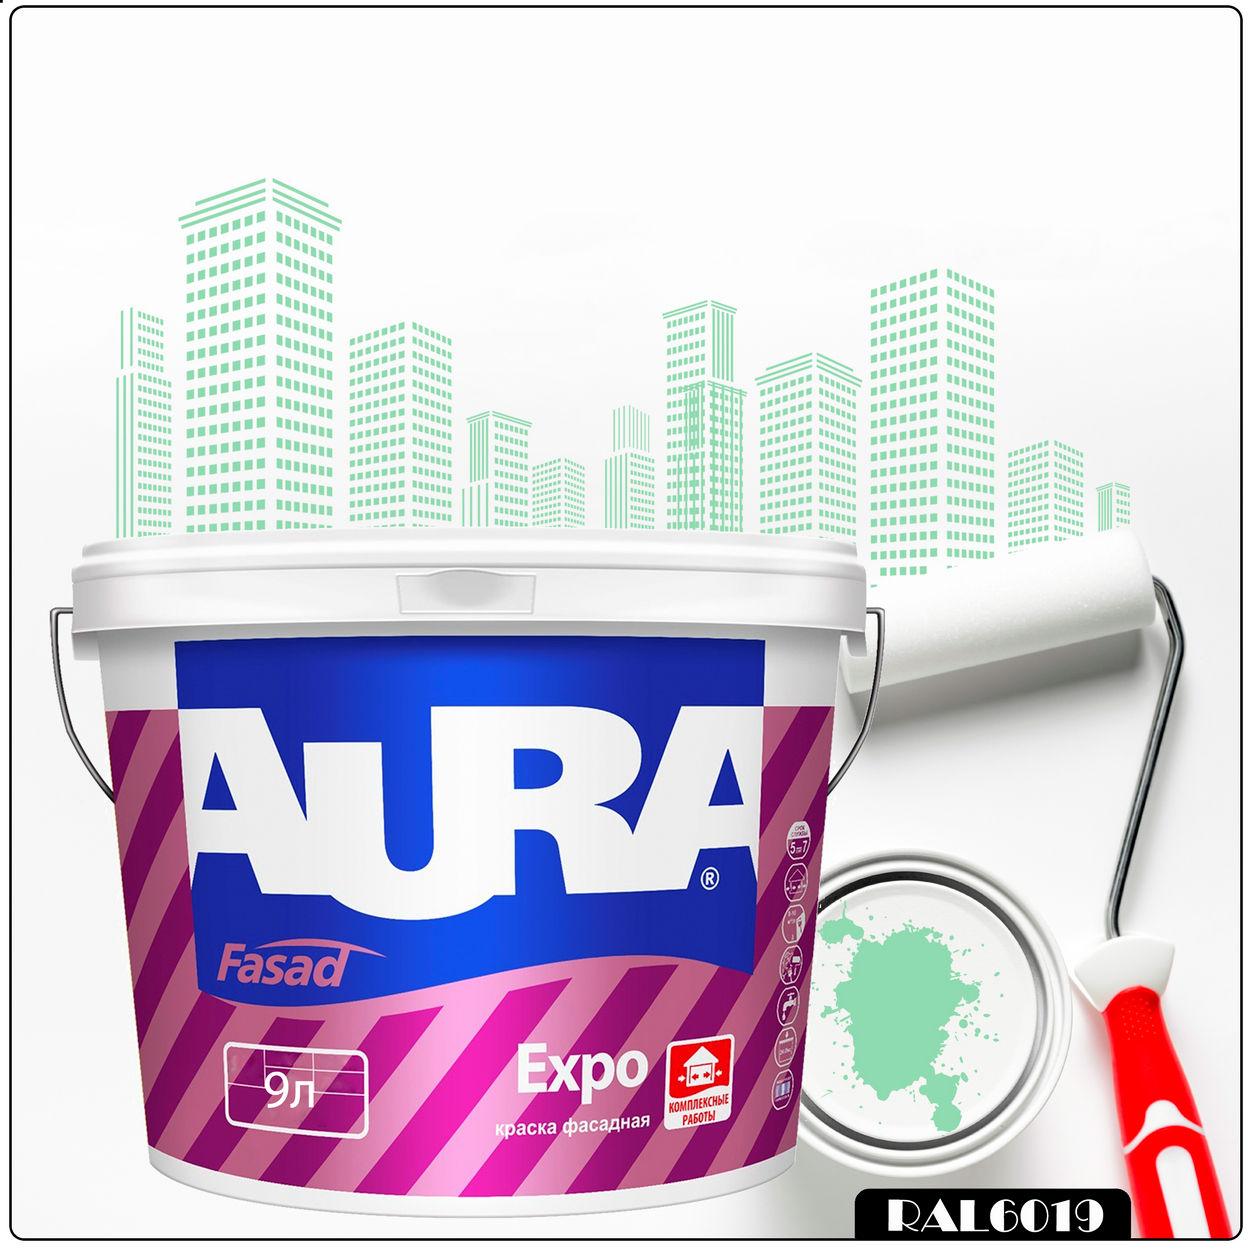 Фото 20 - Краска Aura Fasad Expo, RAL 6019 Бело-зелёный, матовая, для фасадов и помещений с повышенной влажностью, 9л.